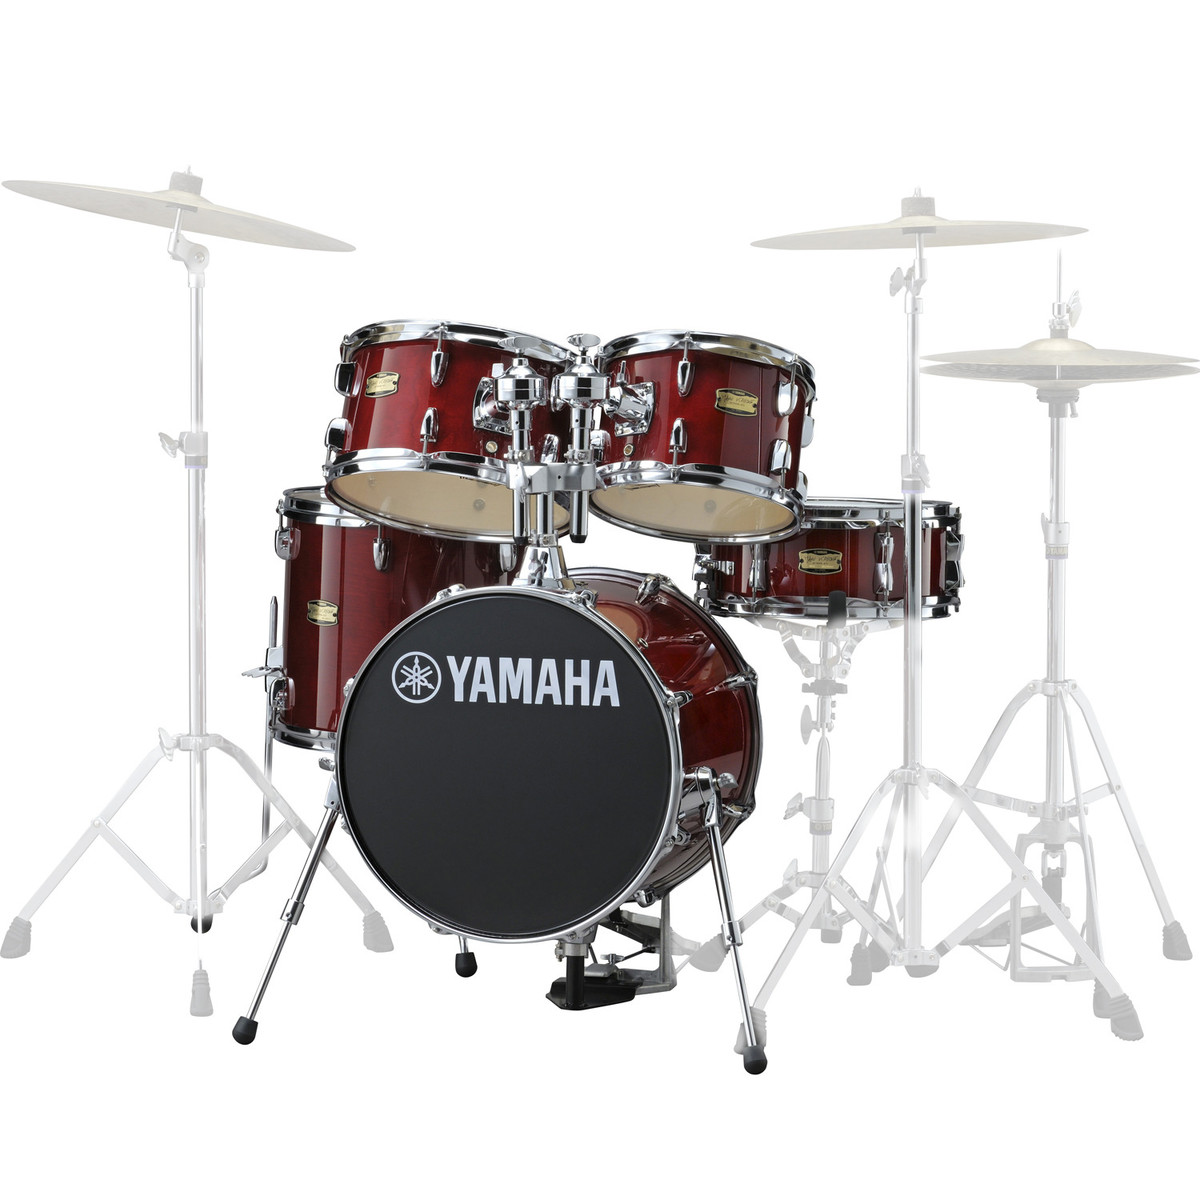 Yamaha Manu Katche 5 Piece Junior Drum Kit Cranberry Red At Gear4music